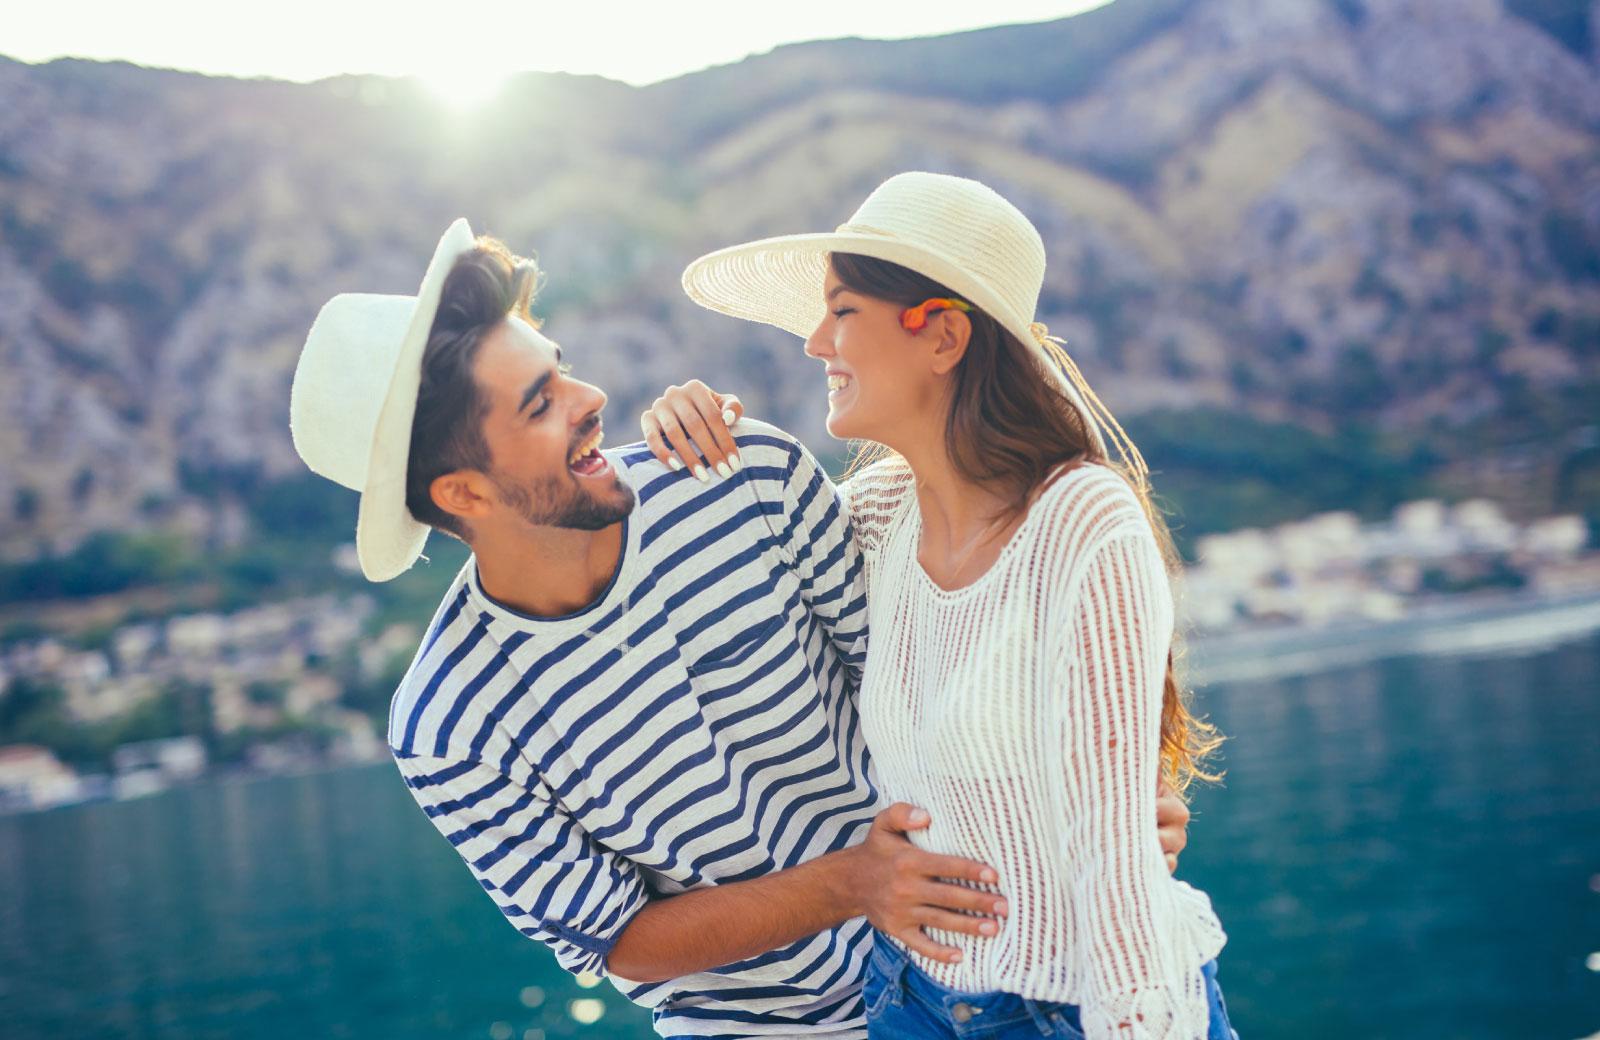 Hur man berättar om en kille dejtar någon att göra dig avundsjuk